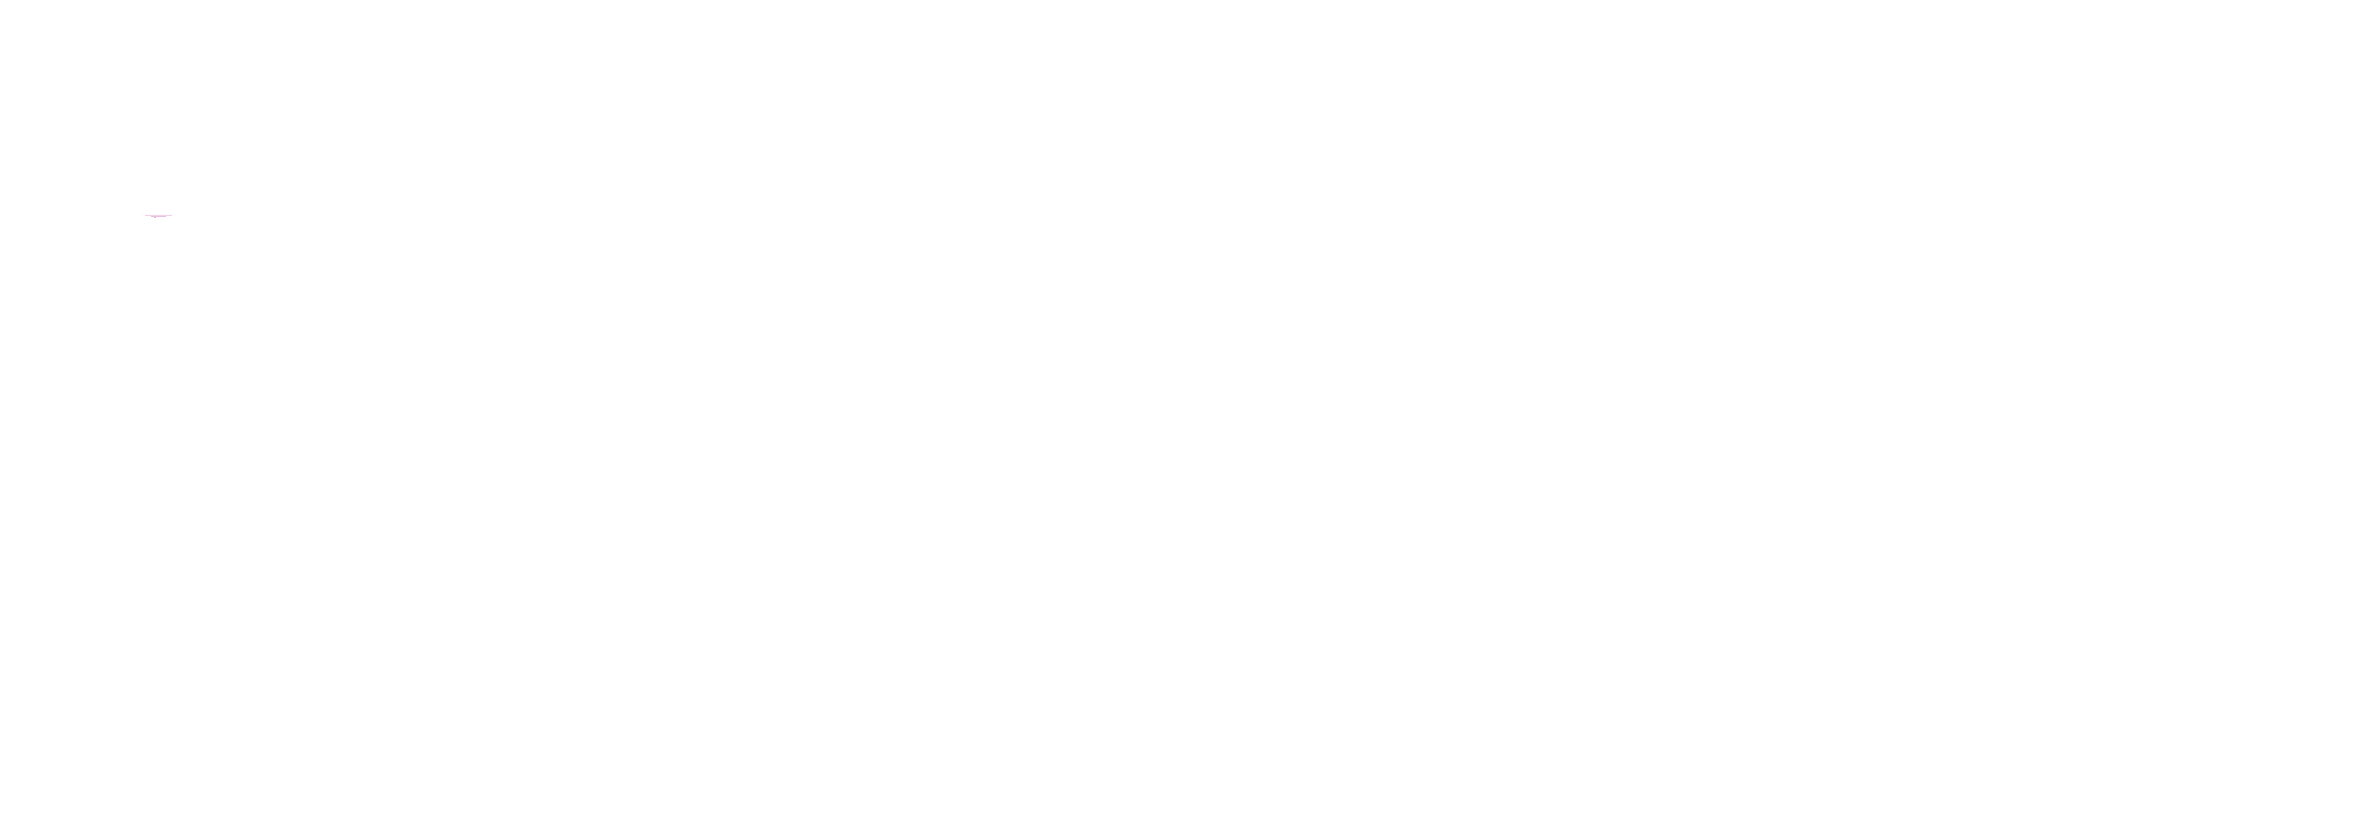 b Informatic (Pty) Ltd